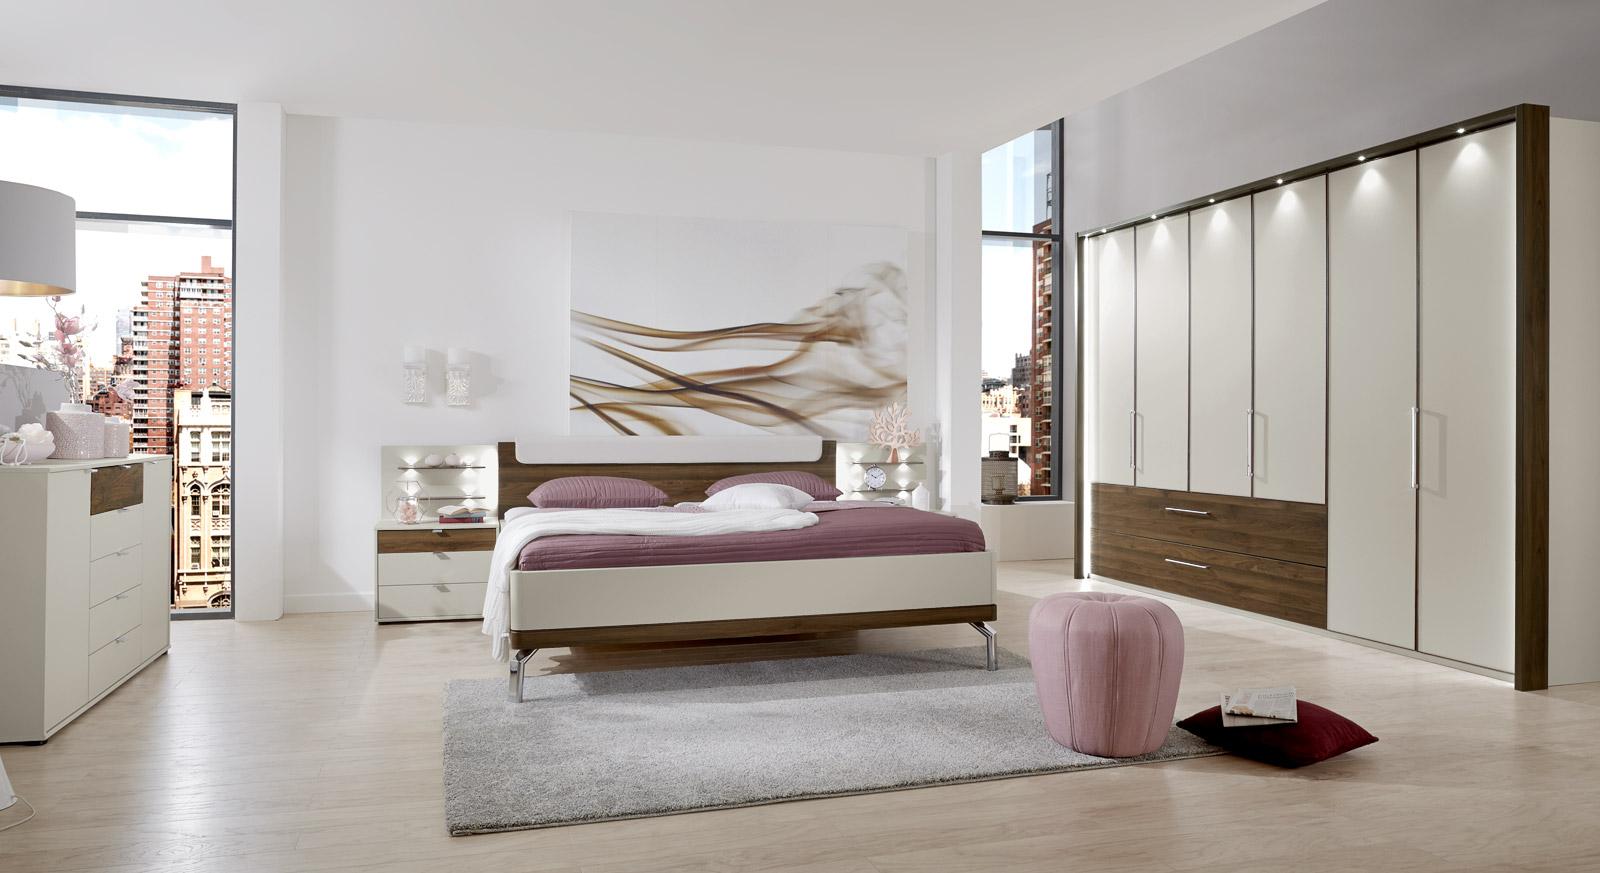 Lieblich Modernes Schlafzimmer Akola In Nocce Und Champagner Dekor